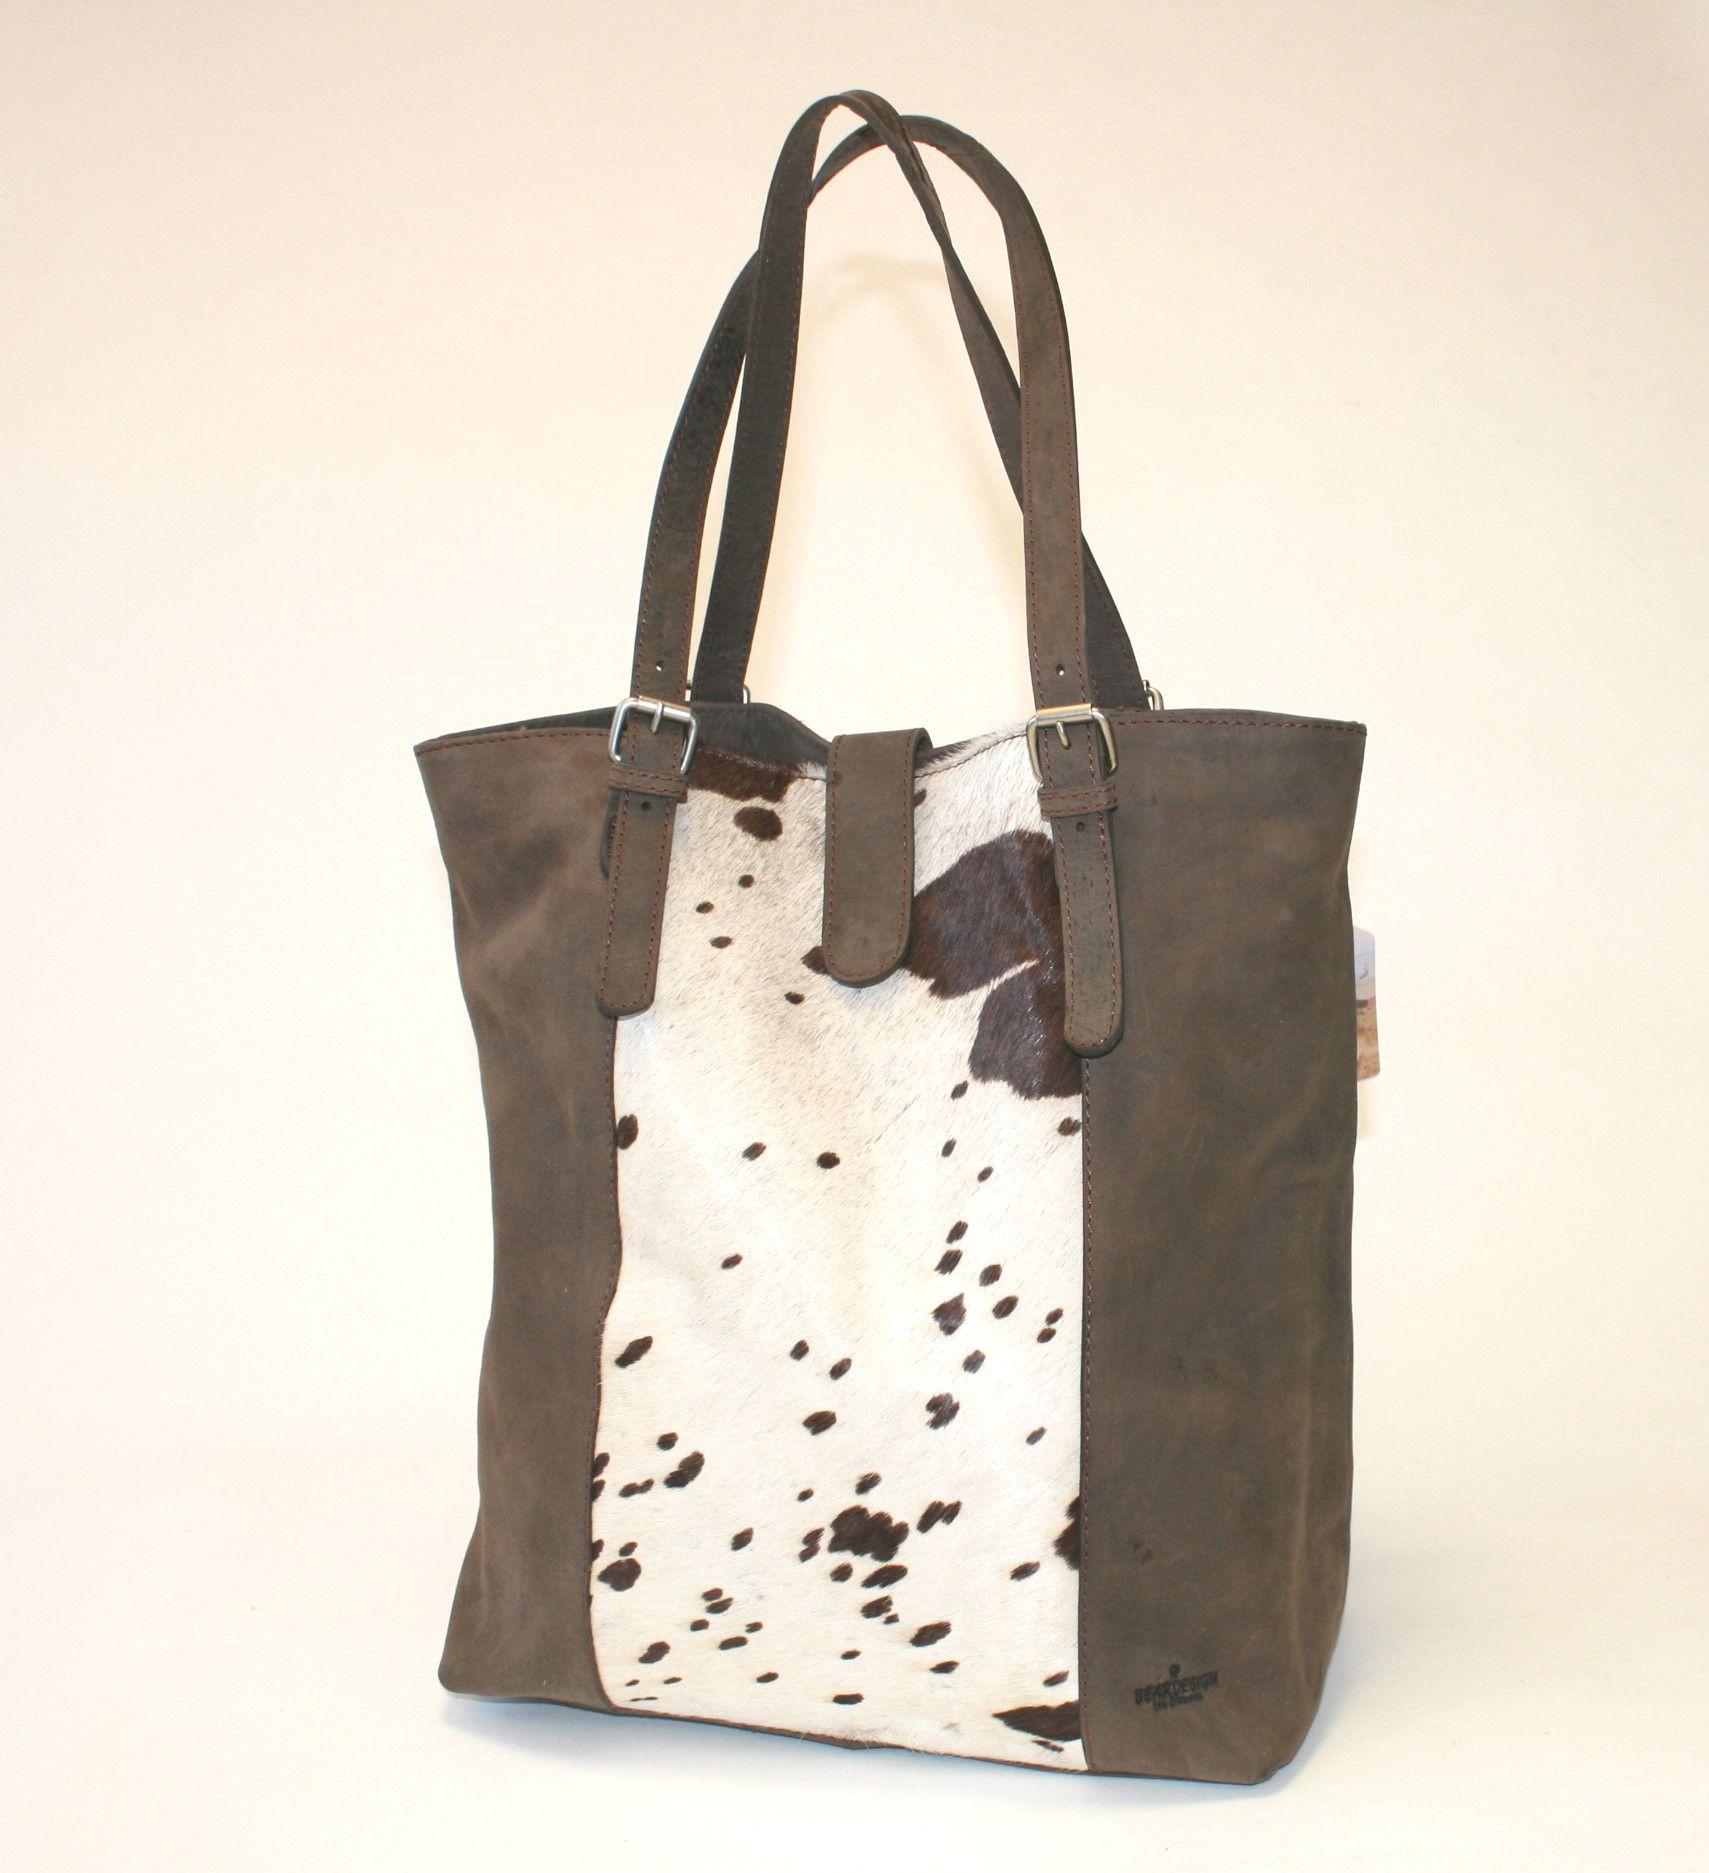 Tassen Design nieuwe collectie design tassen koffergigant nl bekijk